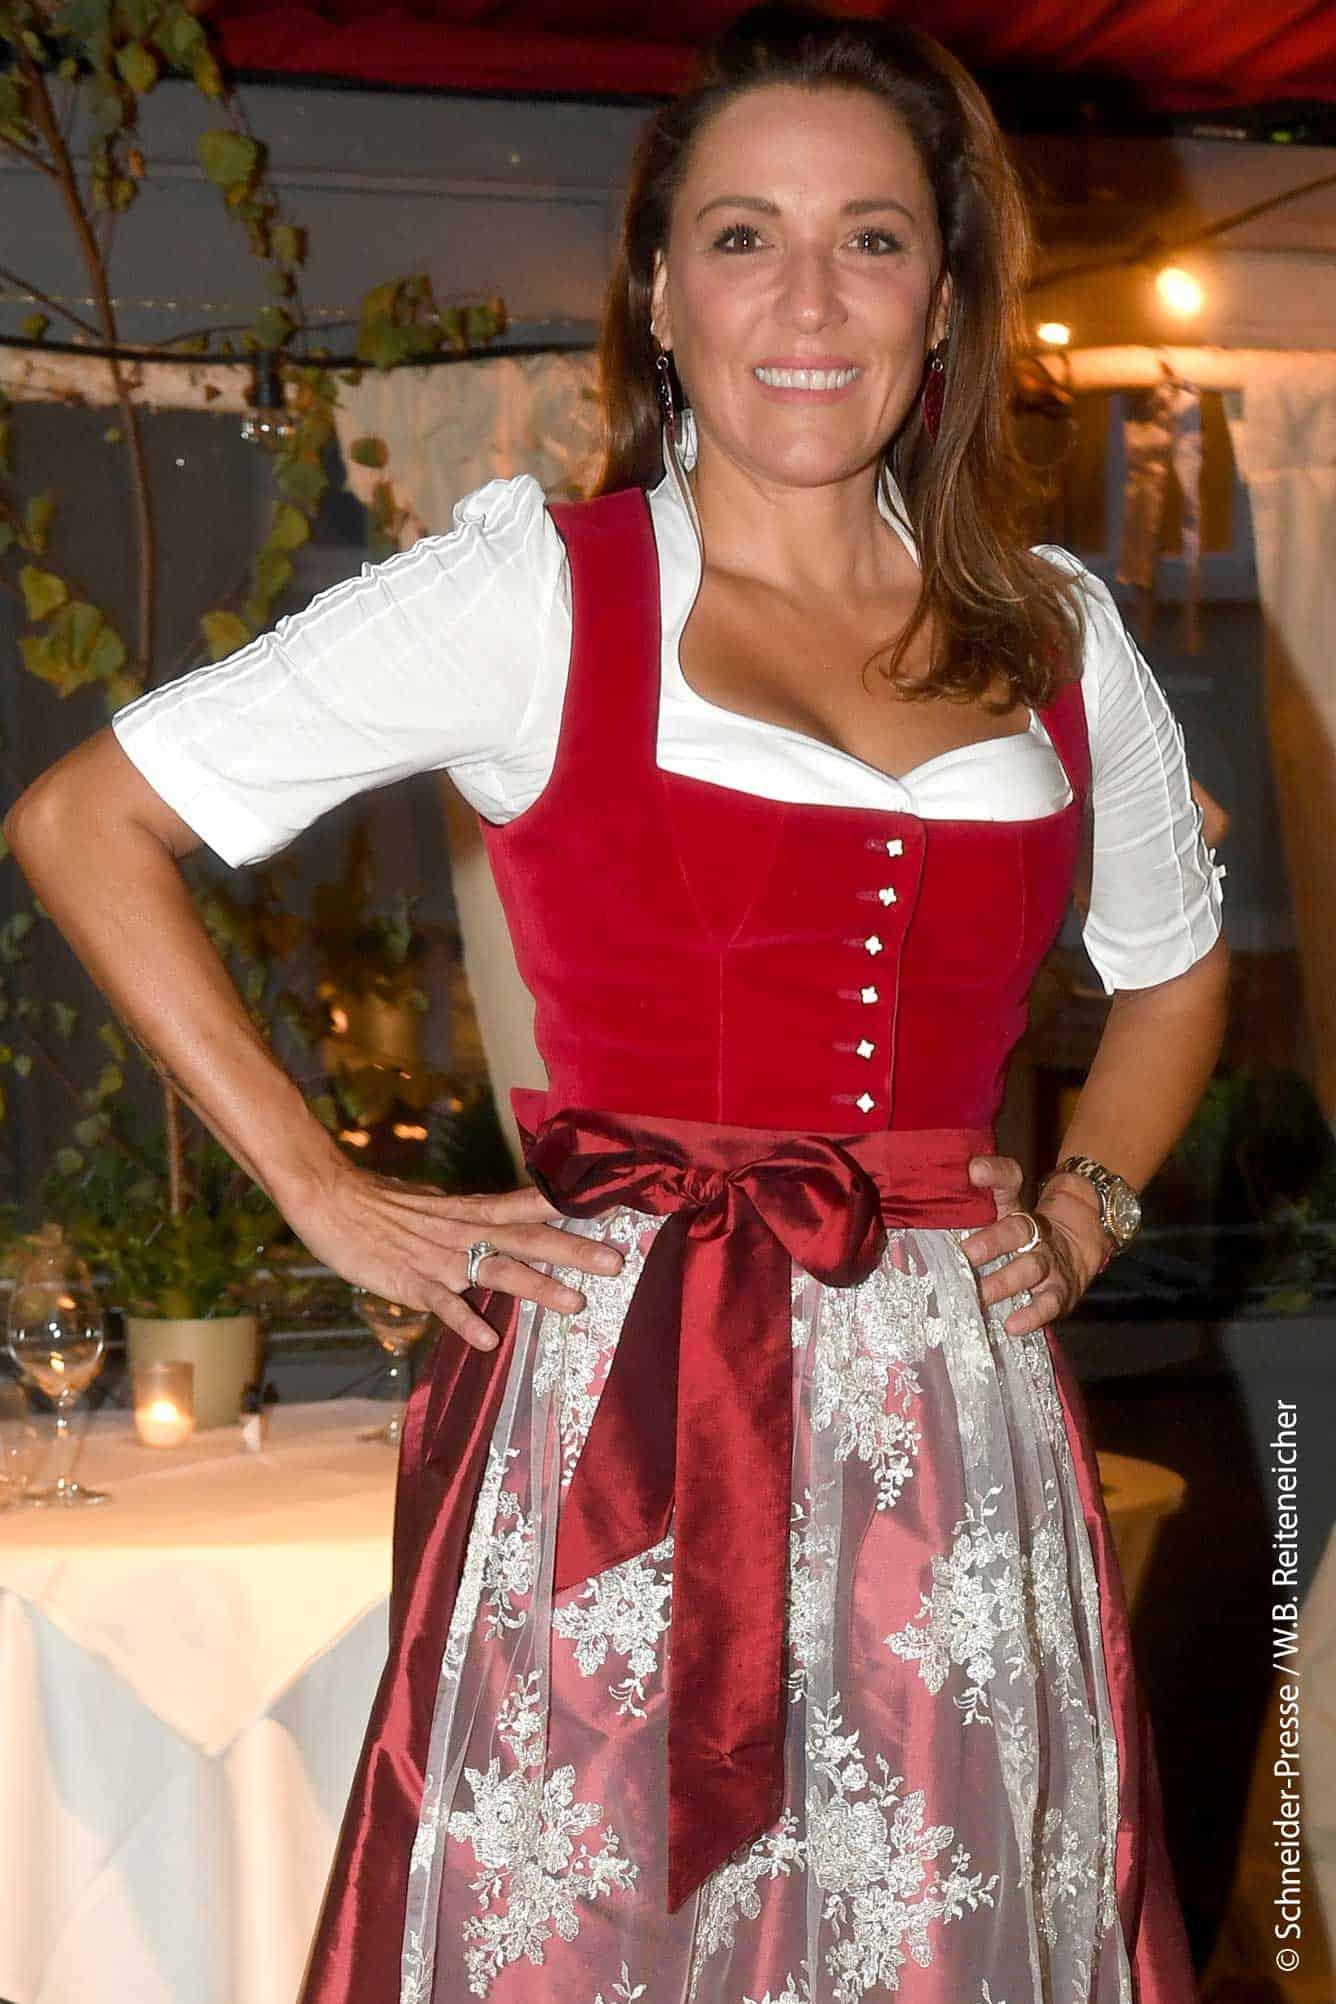 Simone Ballack zur KoaWiesn bzw. Wirtshauswiesn